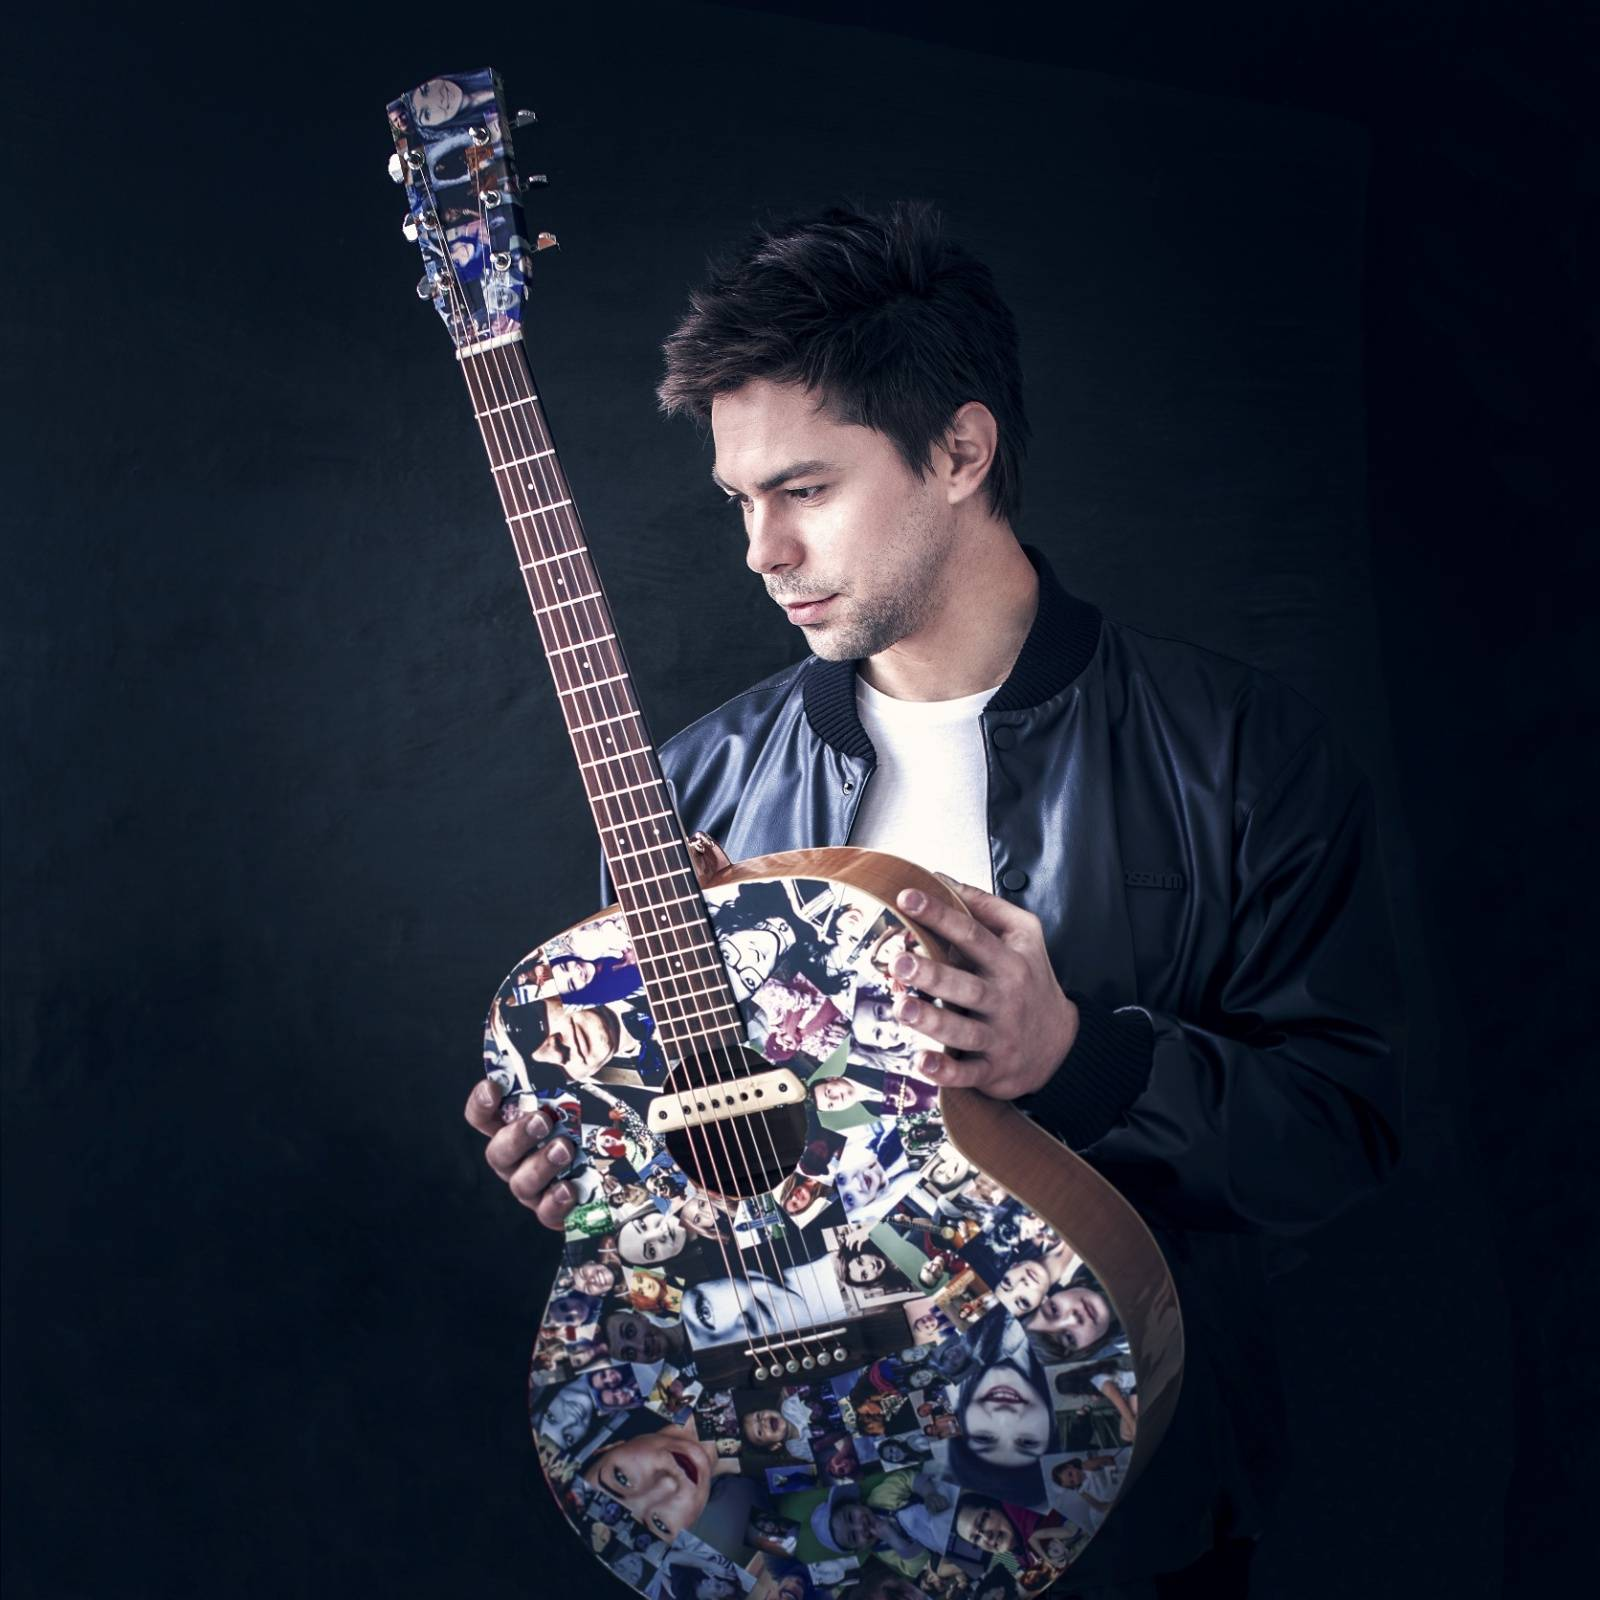 Adam Ďurica interview: České publikum je otevřené nové hudbě